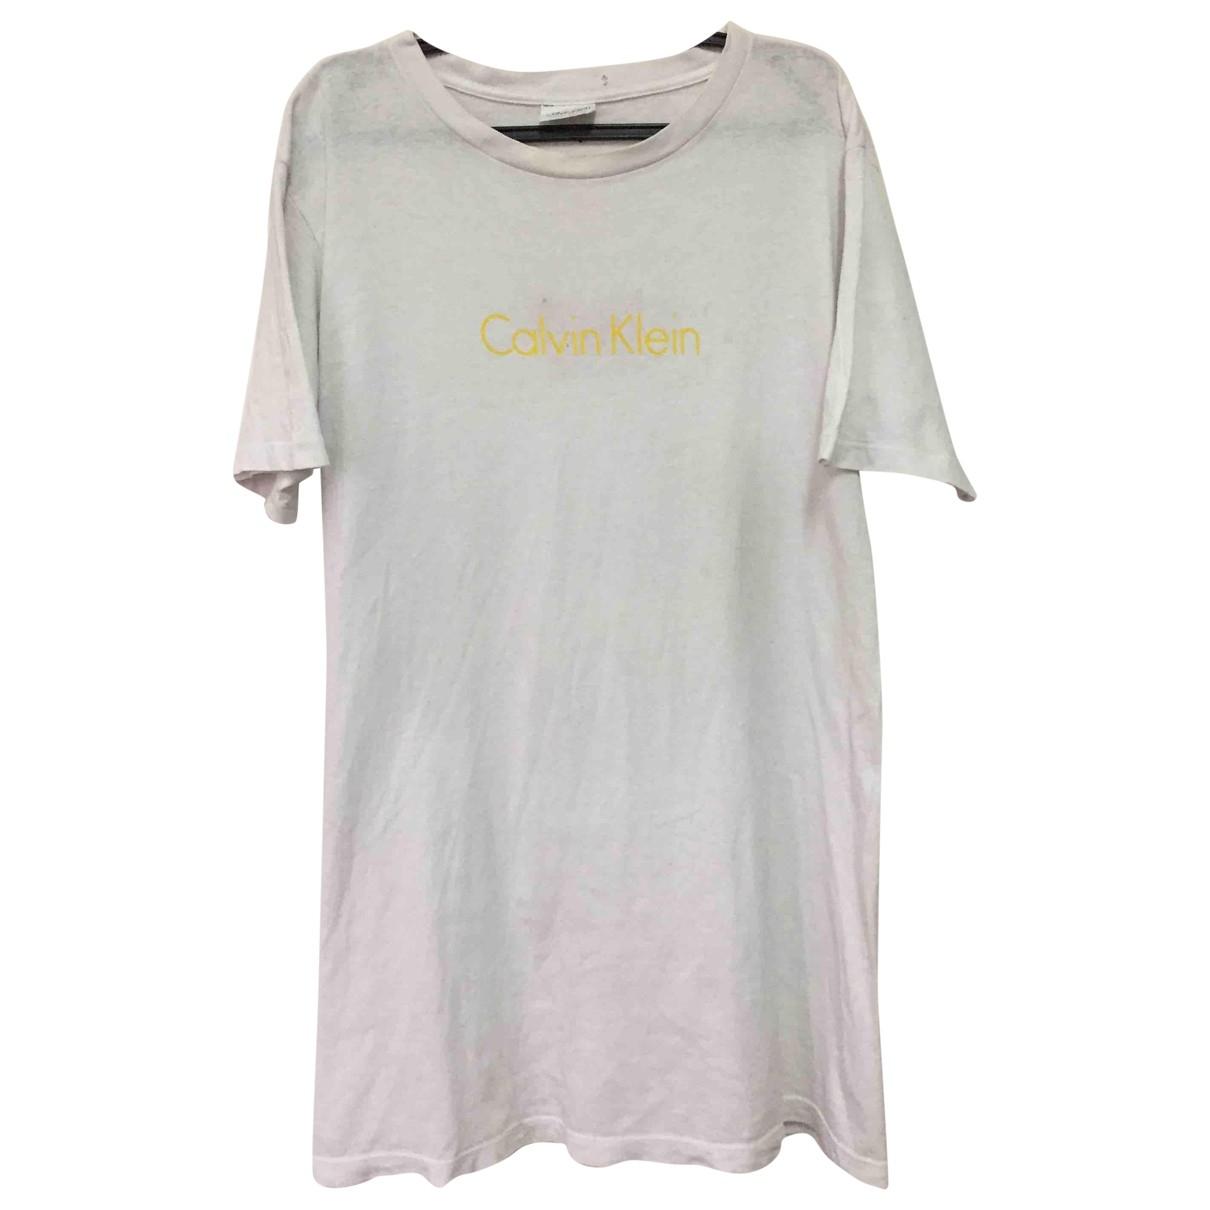 Calvin Klein - Tee shirts   pour homme en coton - blanc